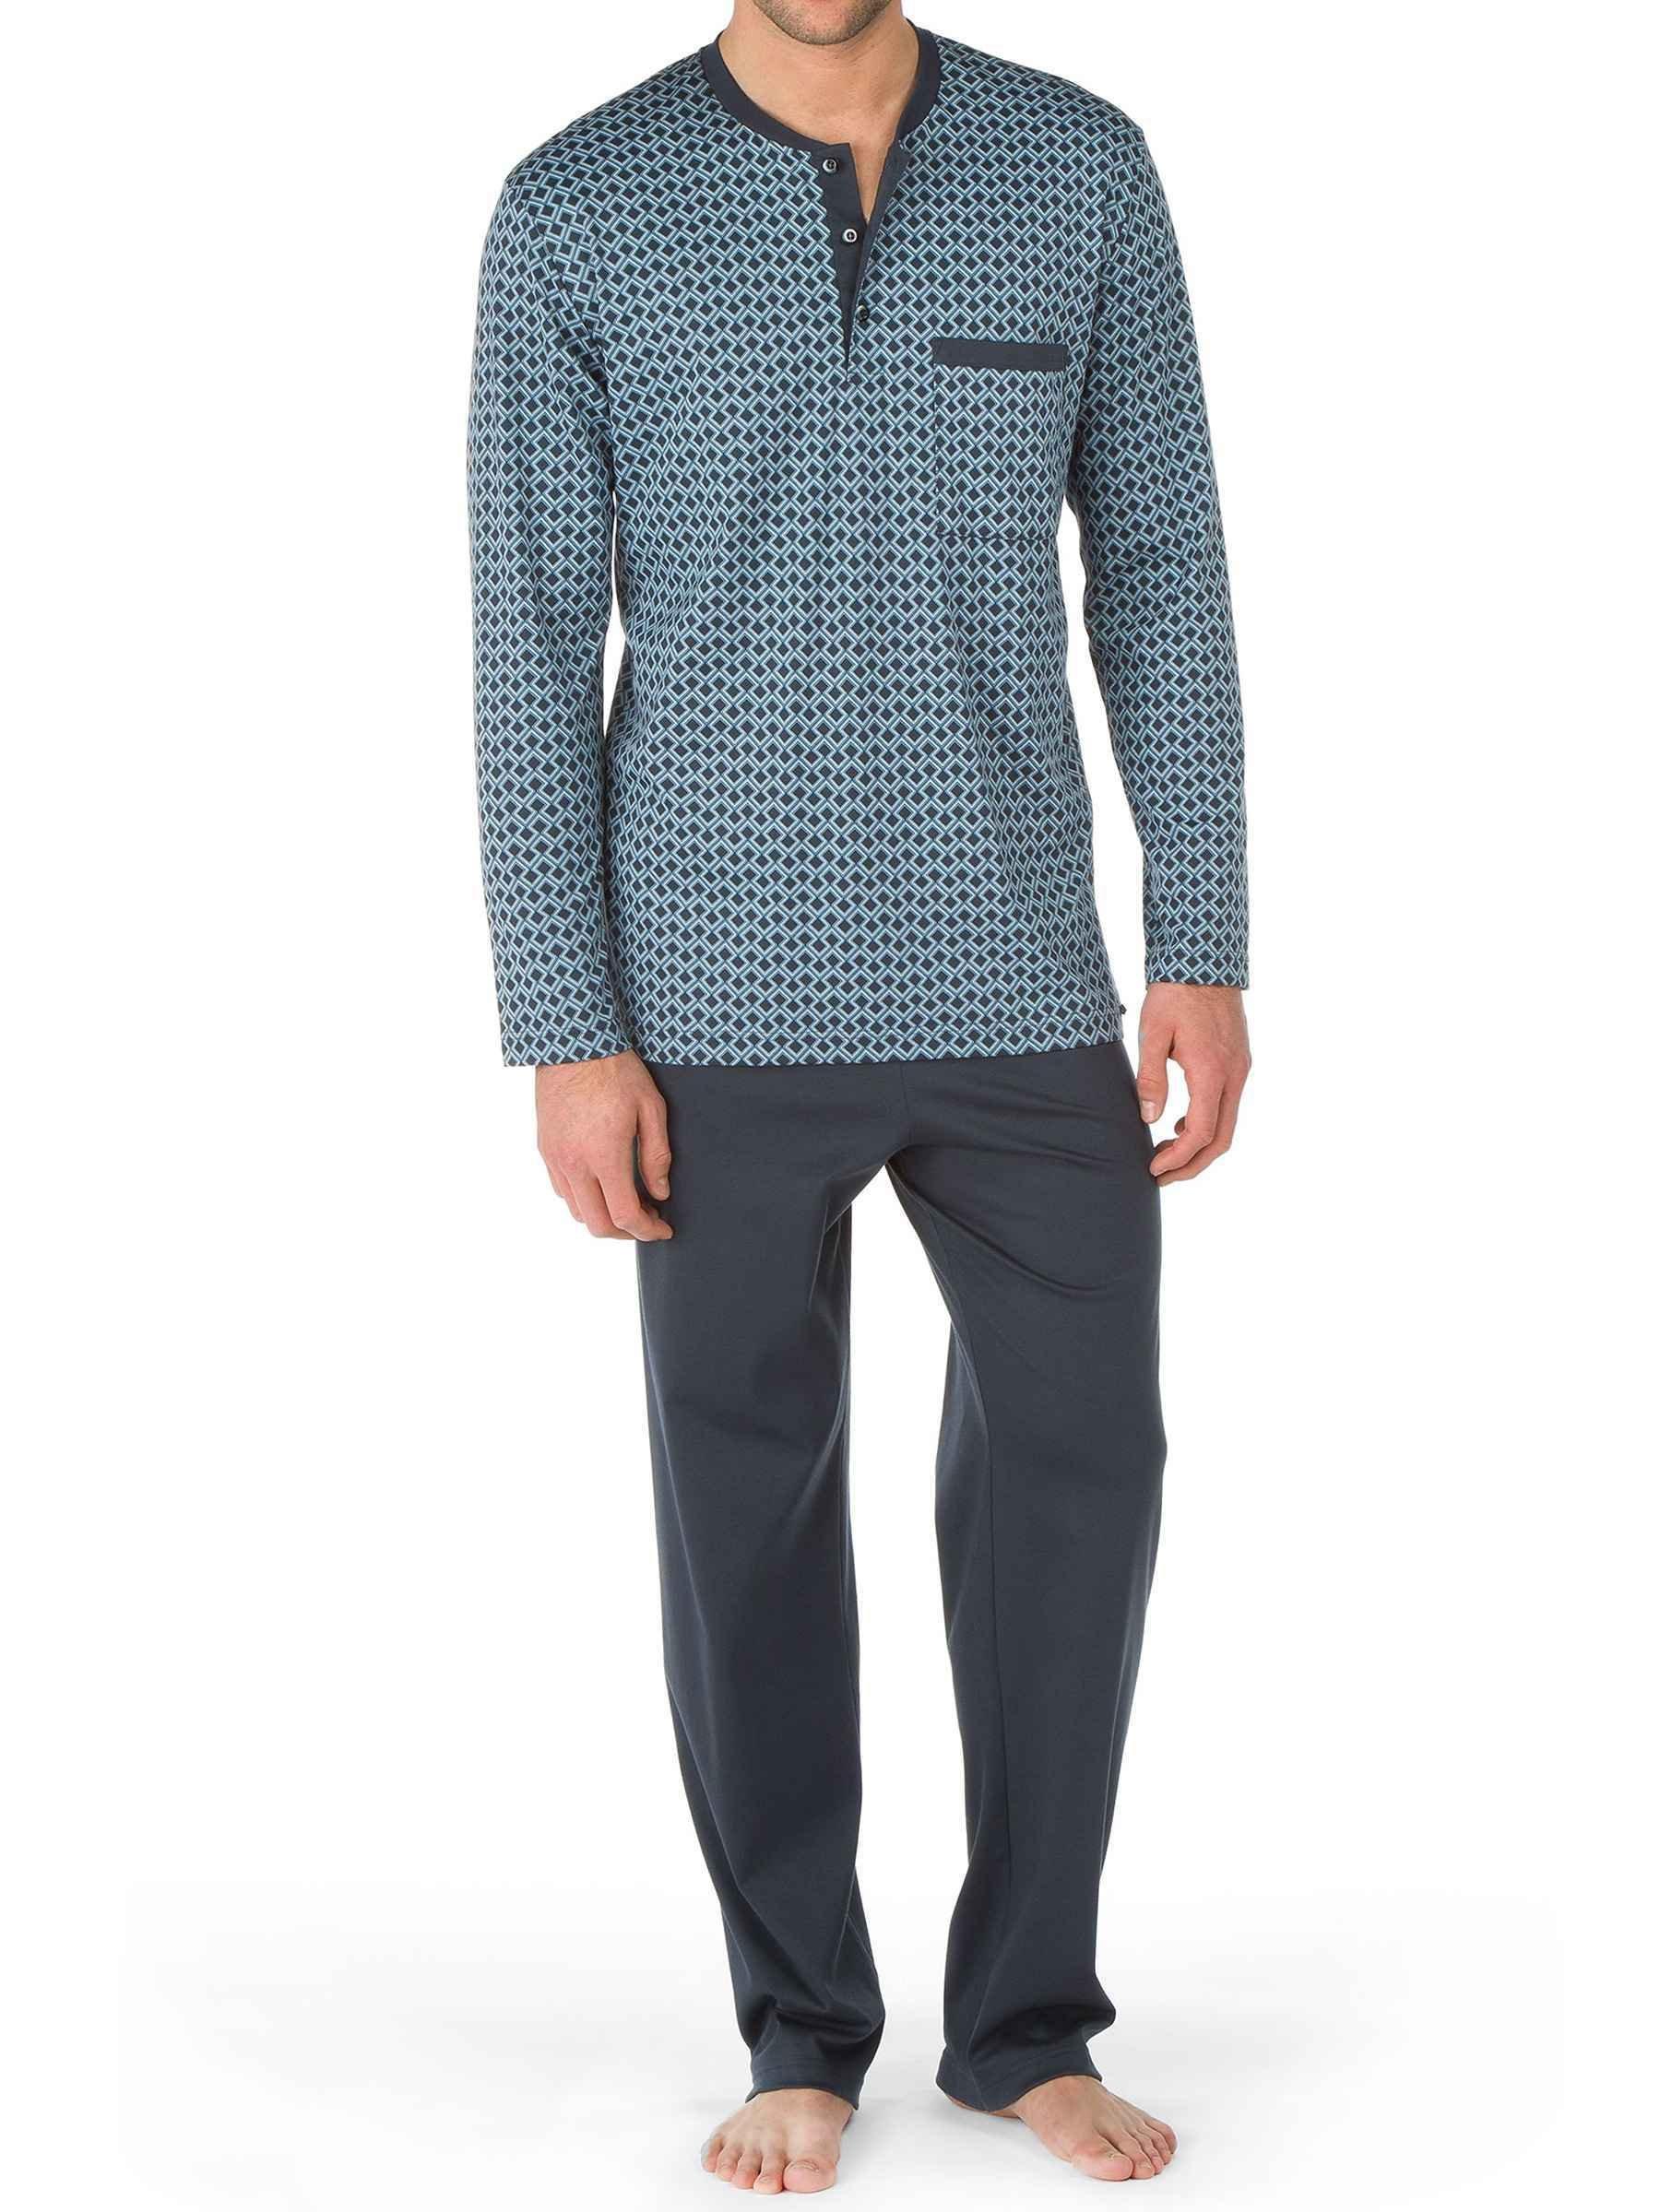 CALIDA mens 100% cotton knit mens pajamas NORRMALM 45566 (small, 989)